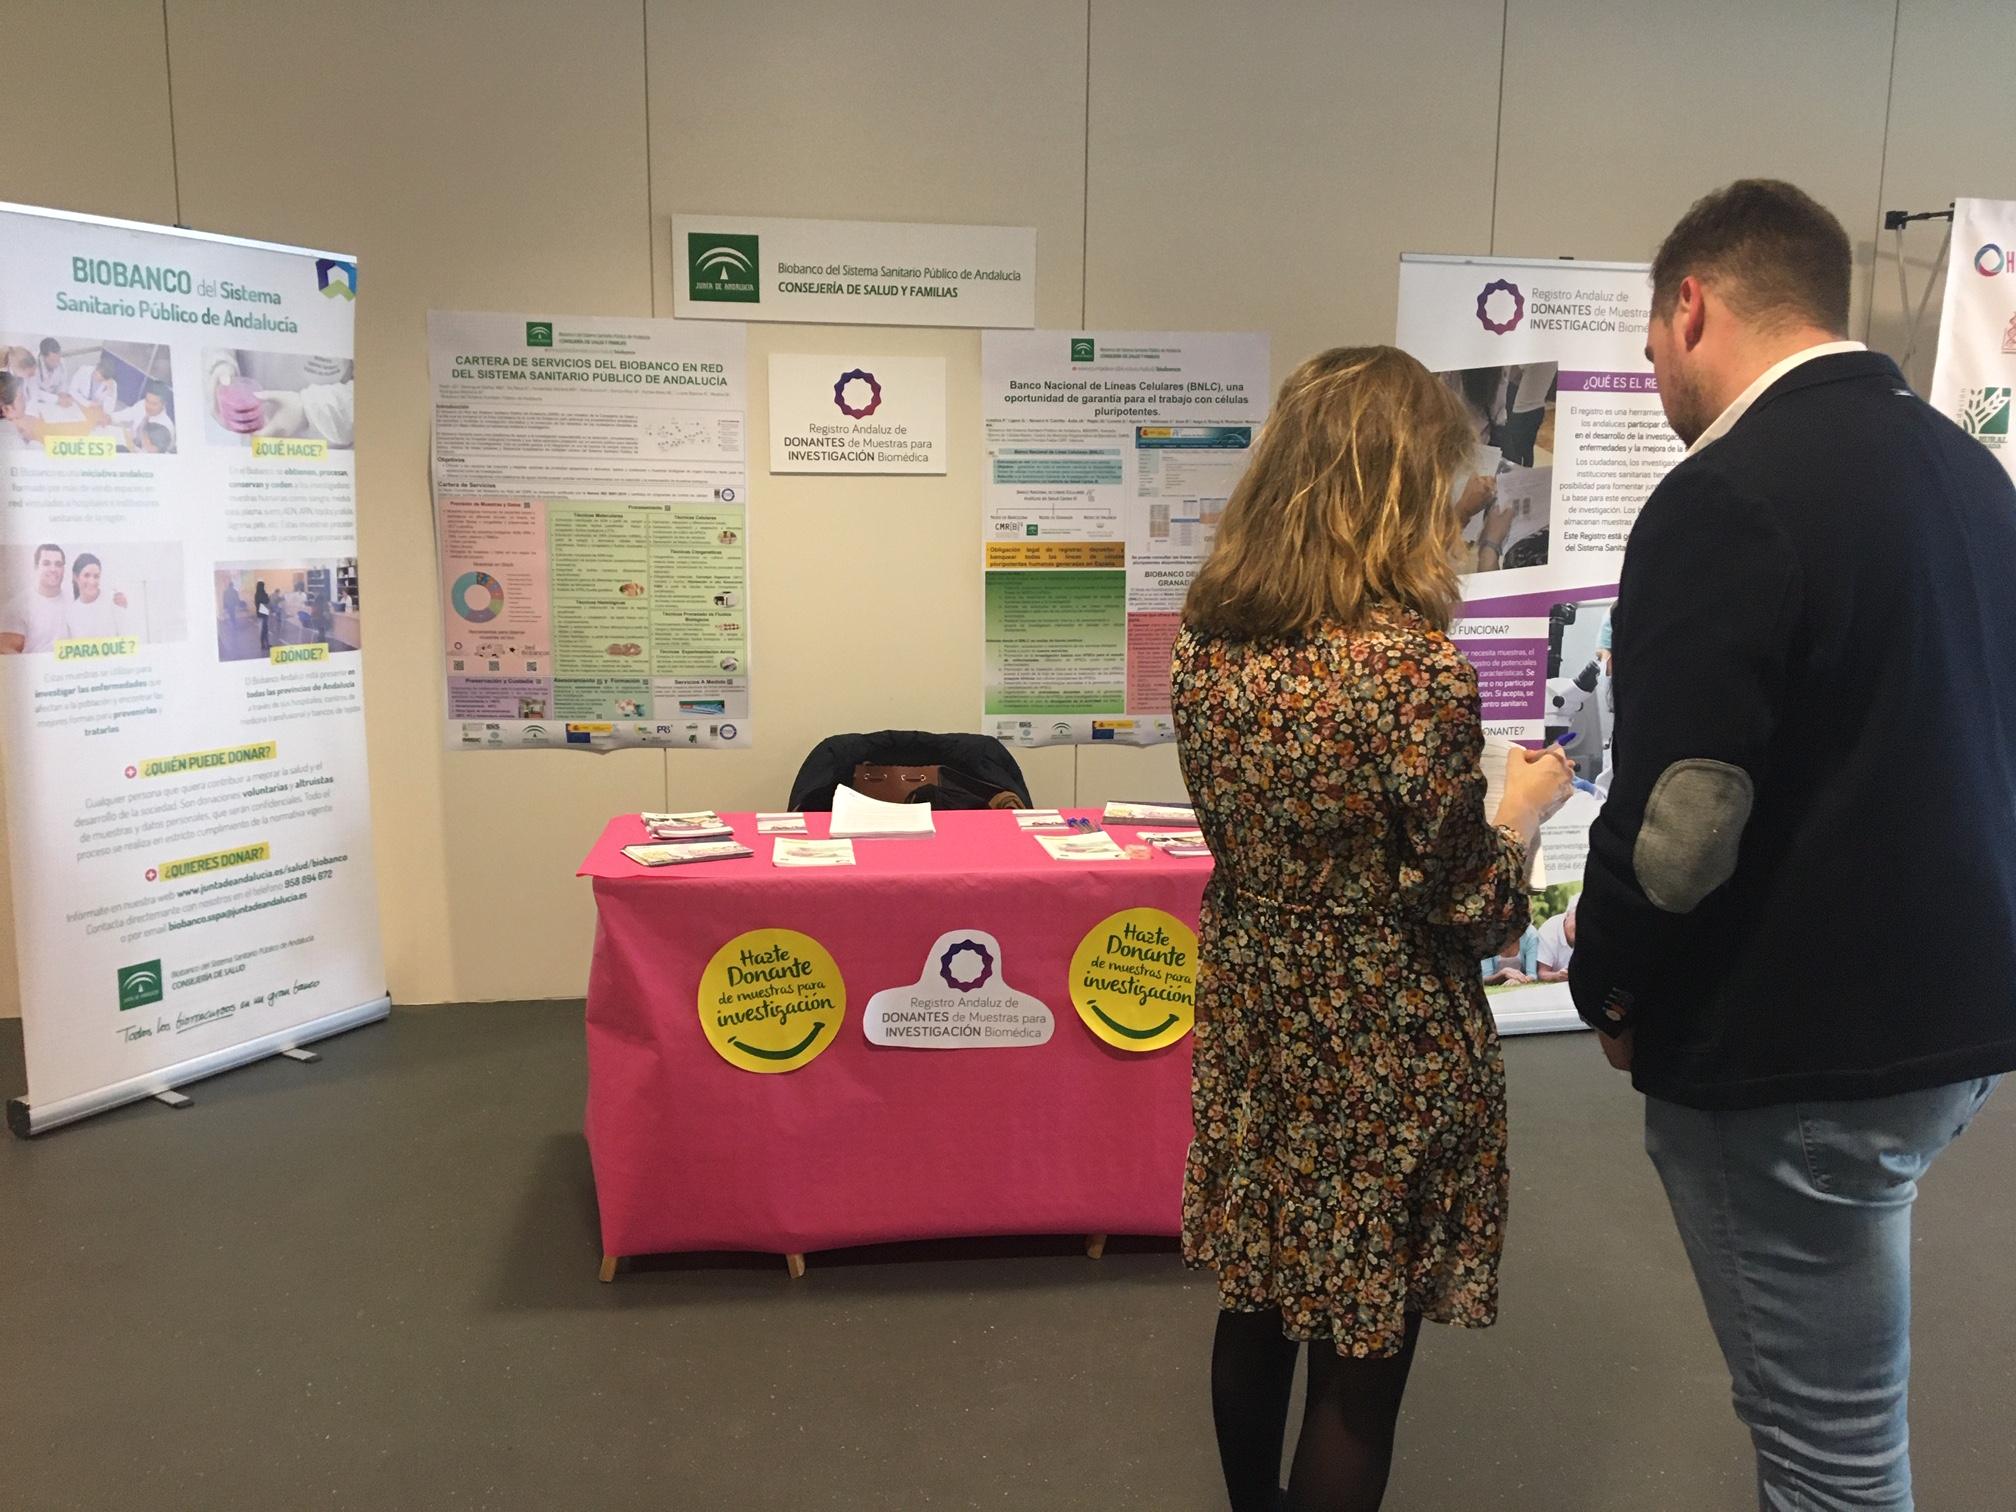 Personal del Biobanco informando a asistentes